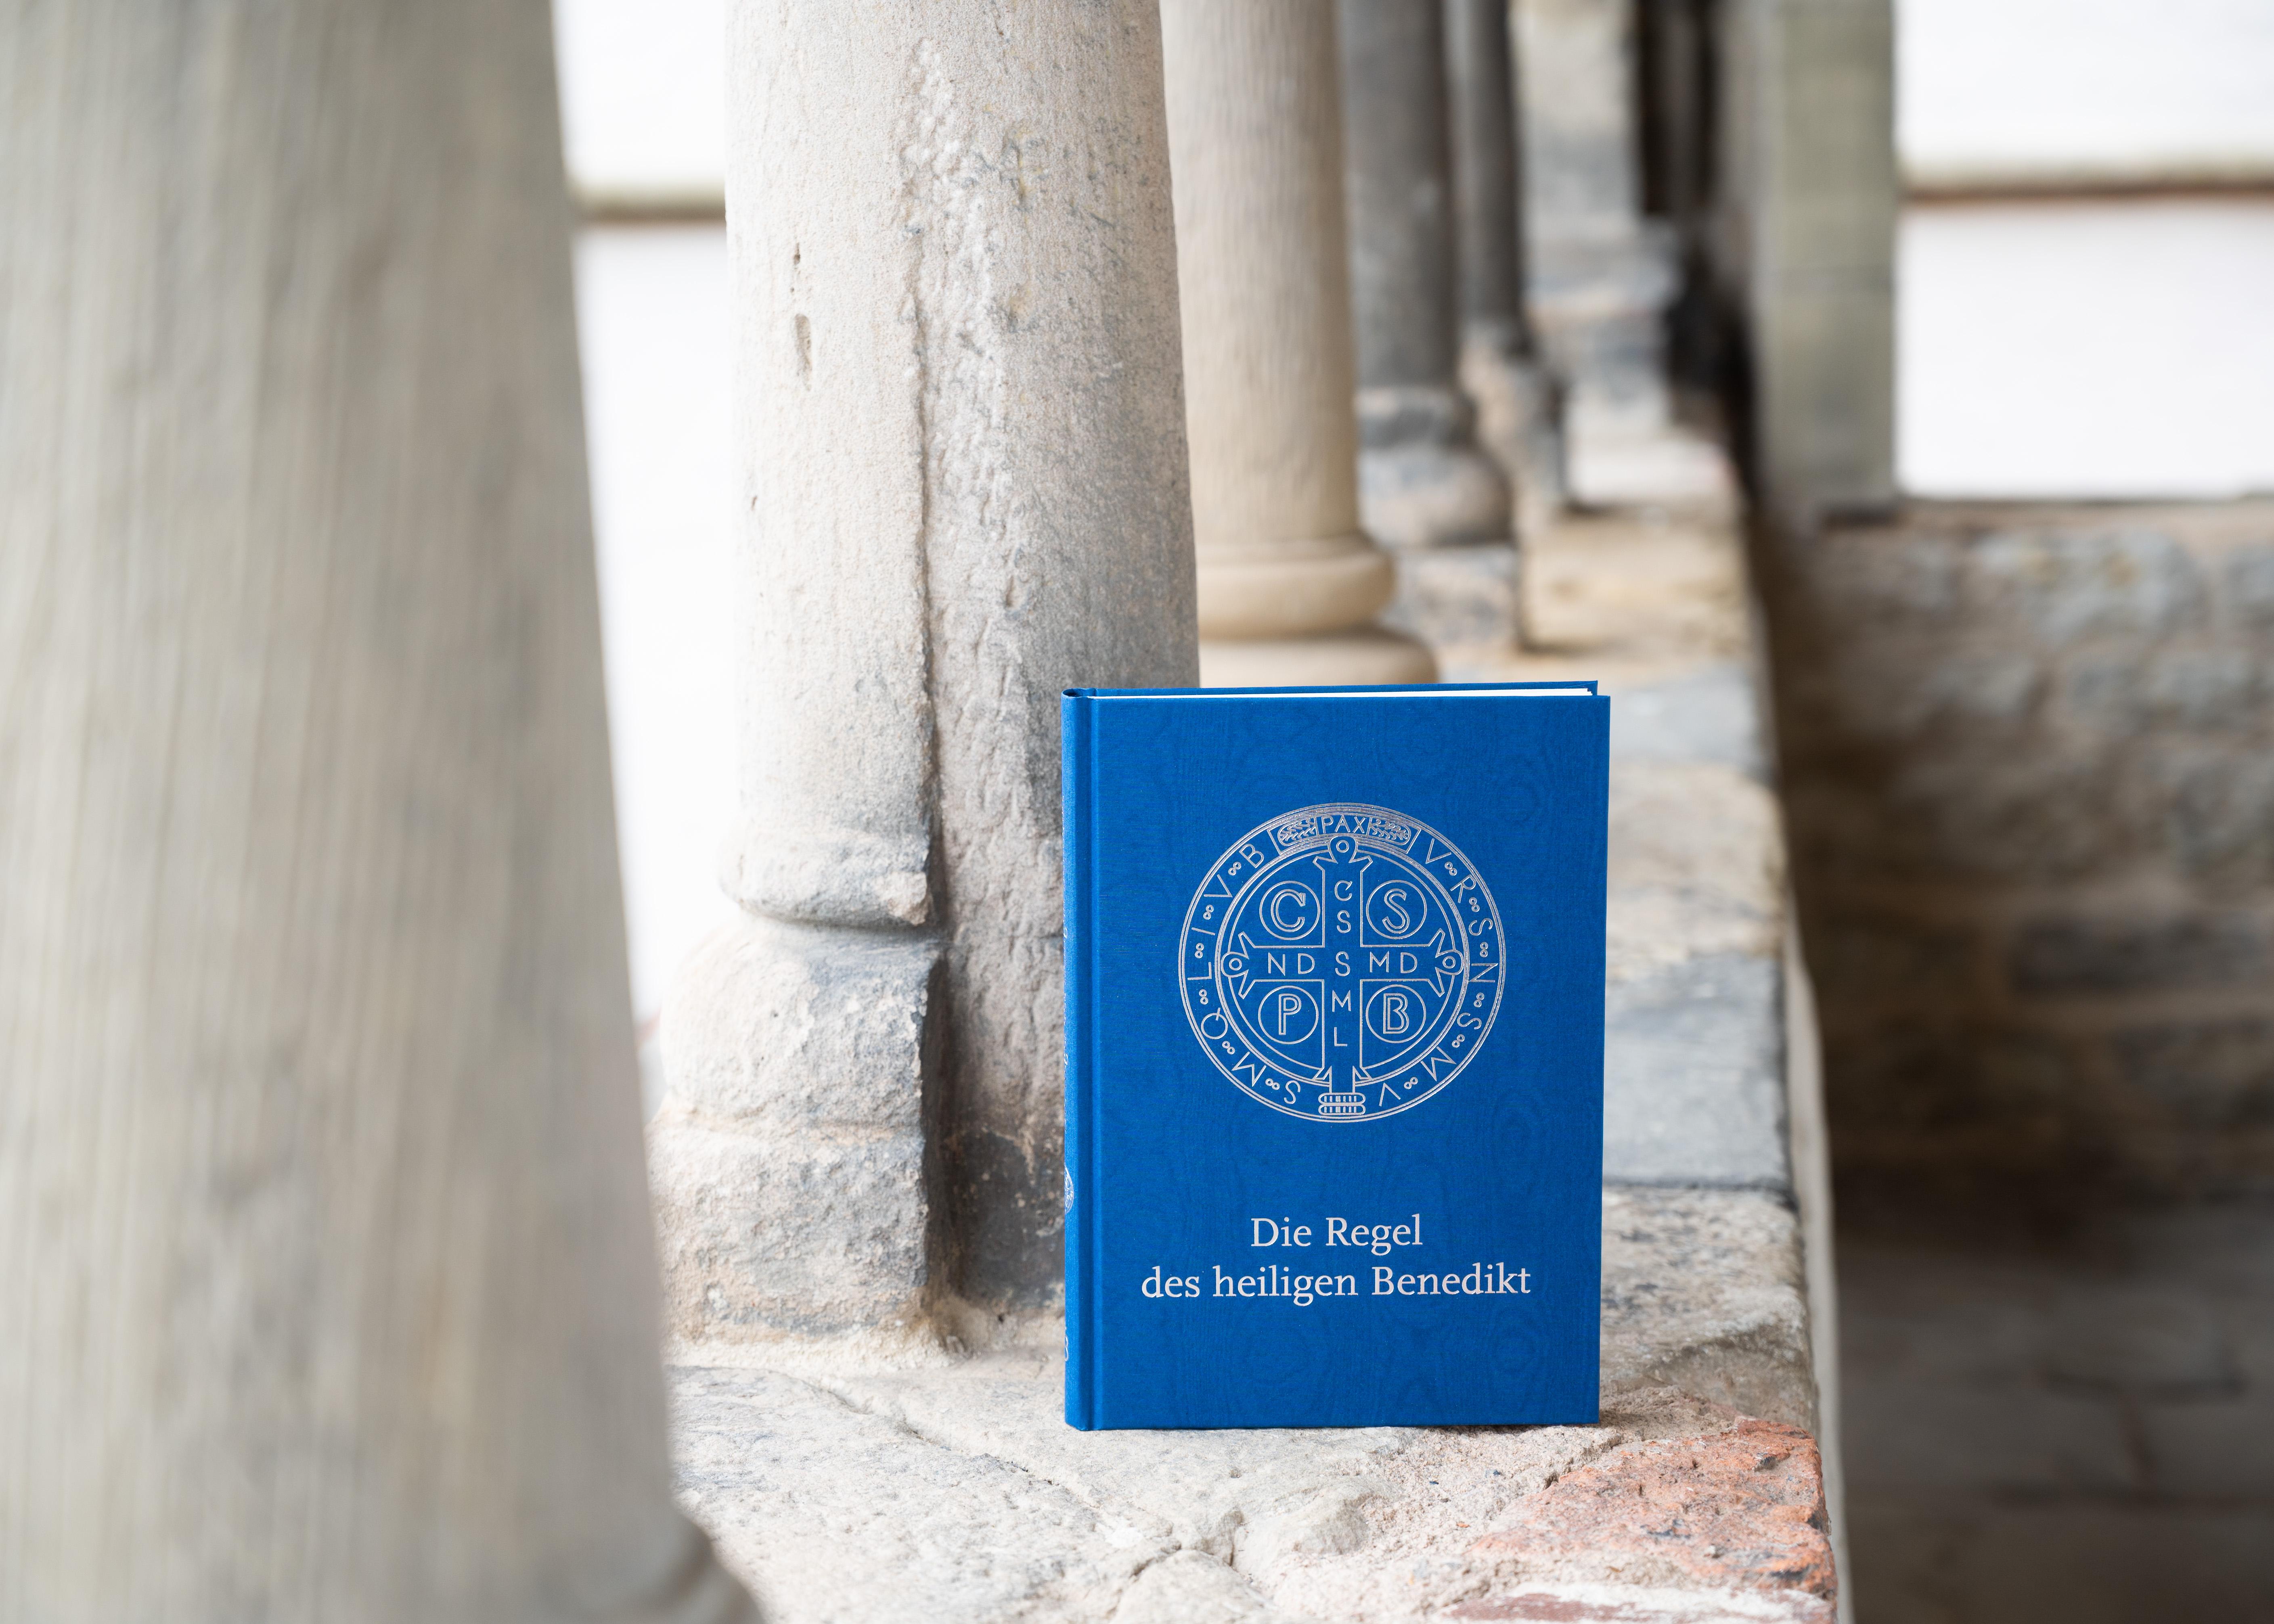 Die Regel des heiligen Benedikt - Liebhaber Ausgabe